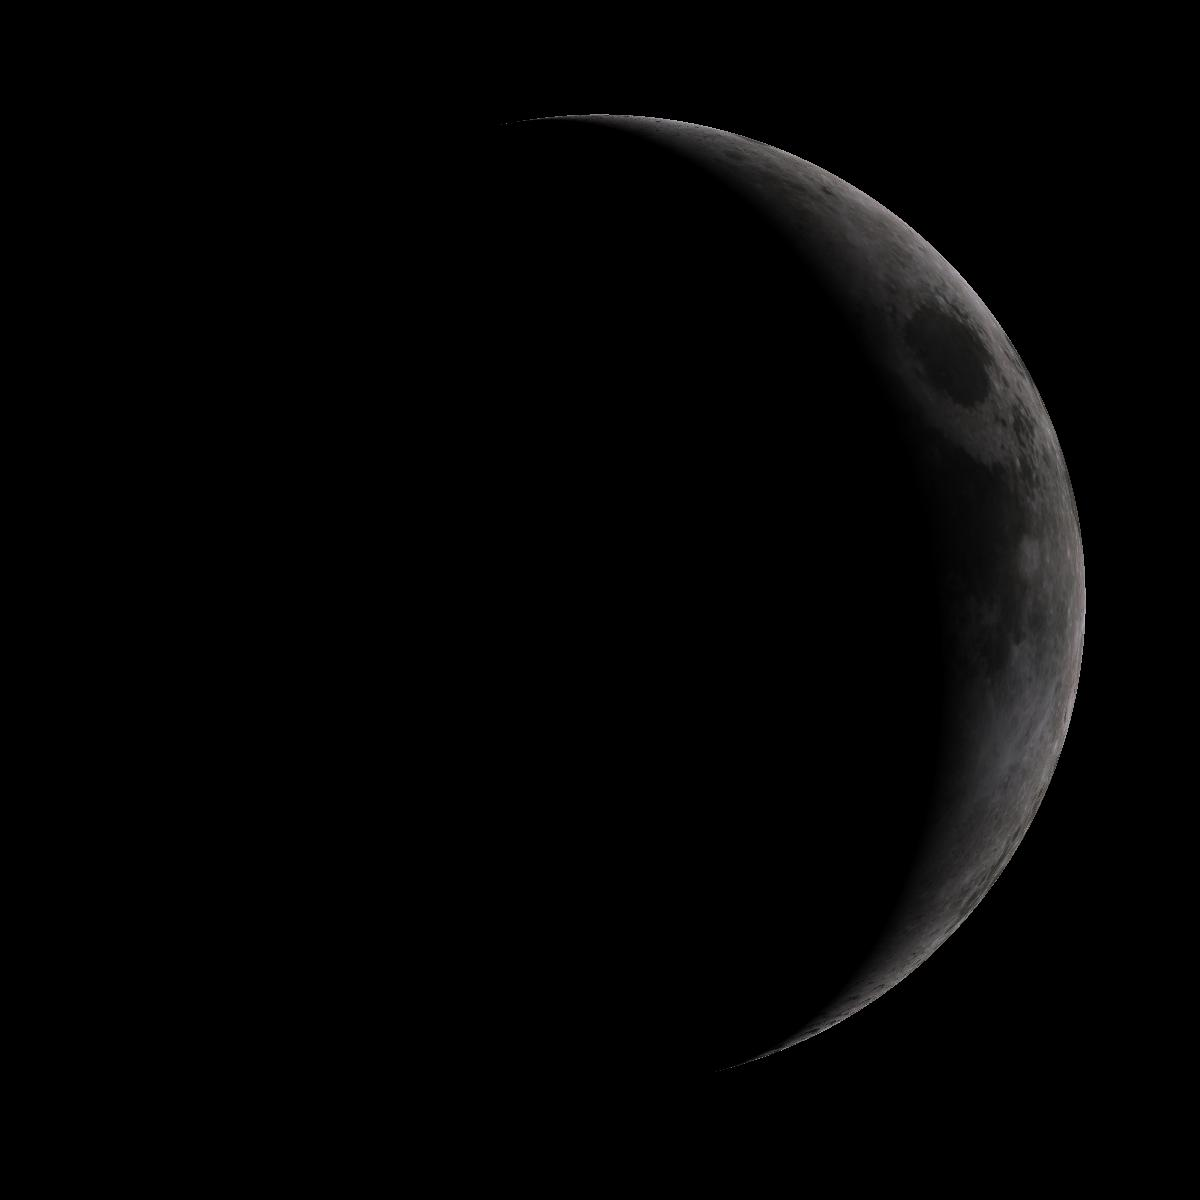 Lune du 7 juin 2019